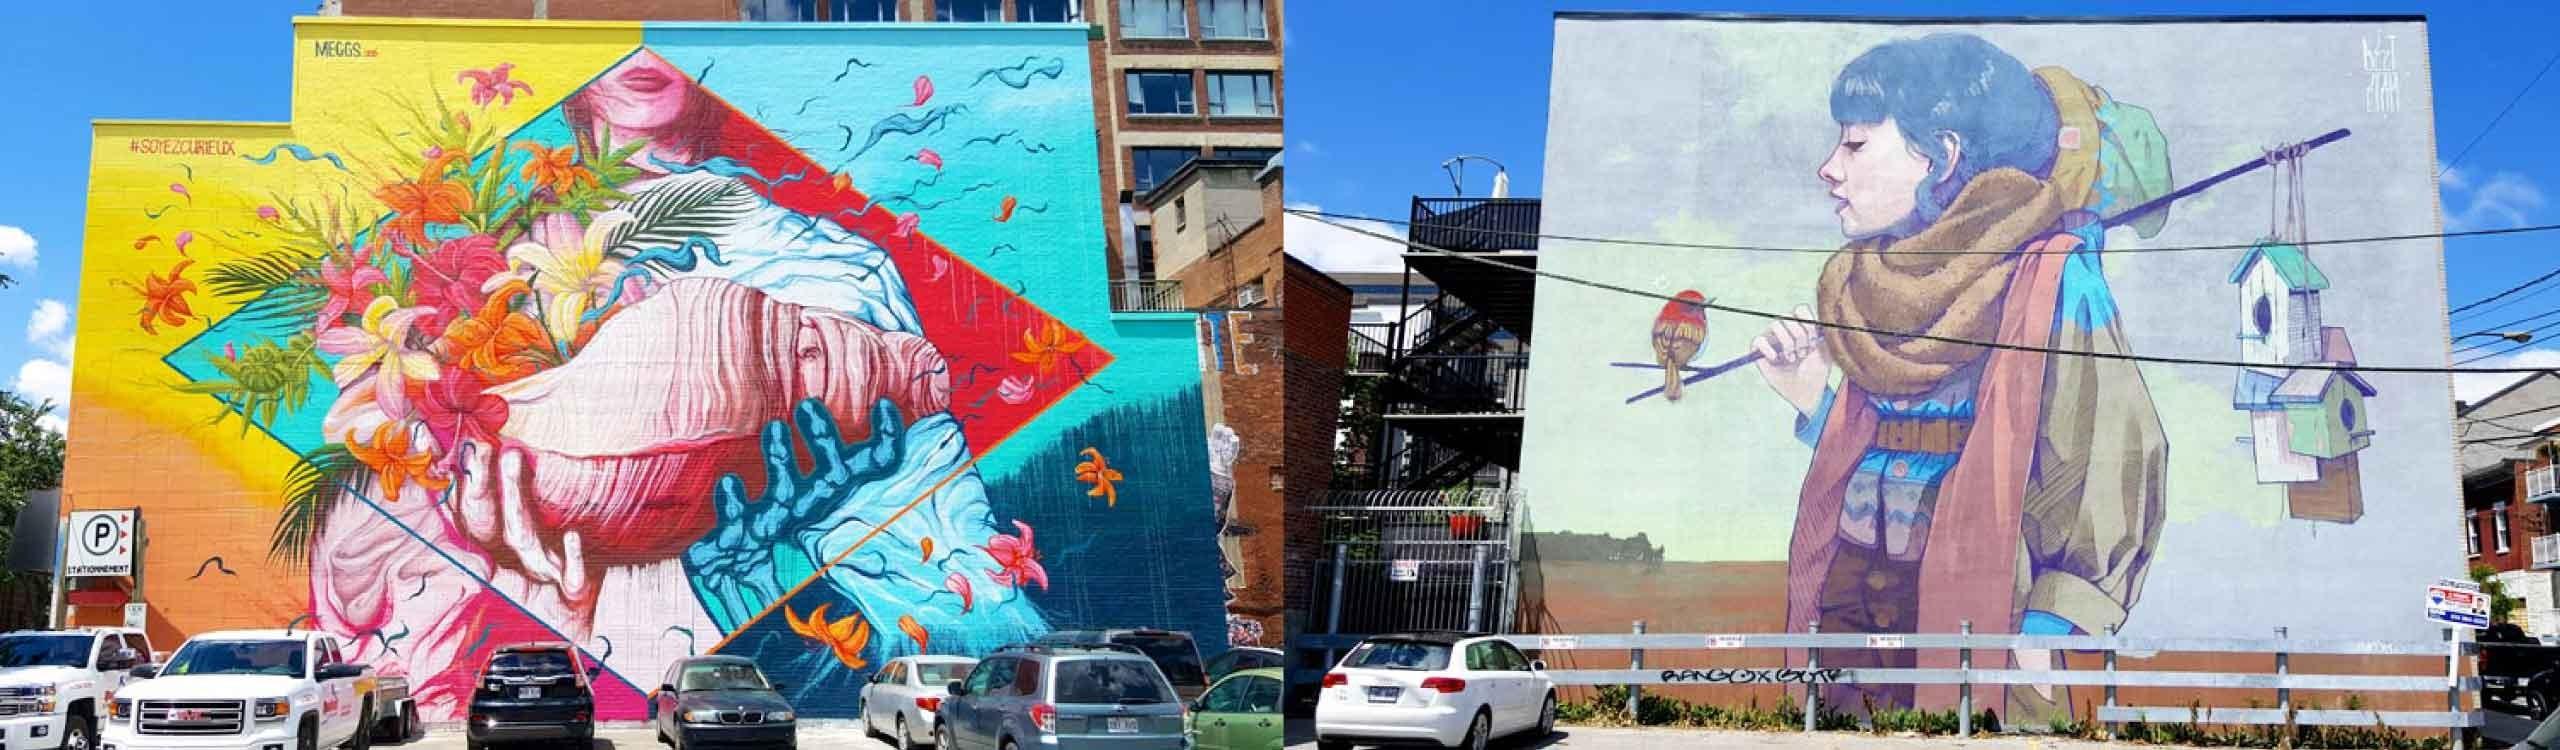 el mural festival 2016 de montreal nos ha dejado obras impresionantes